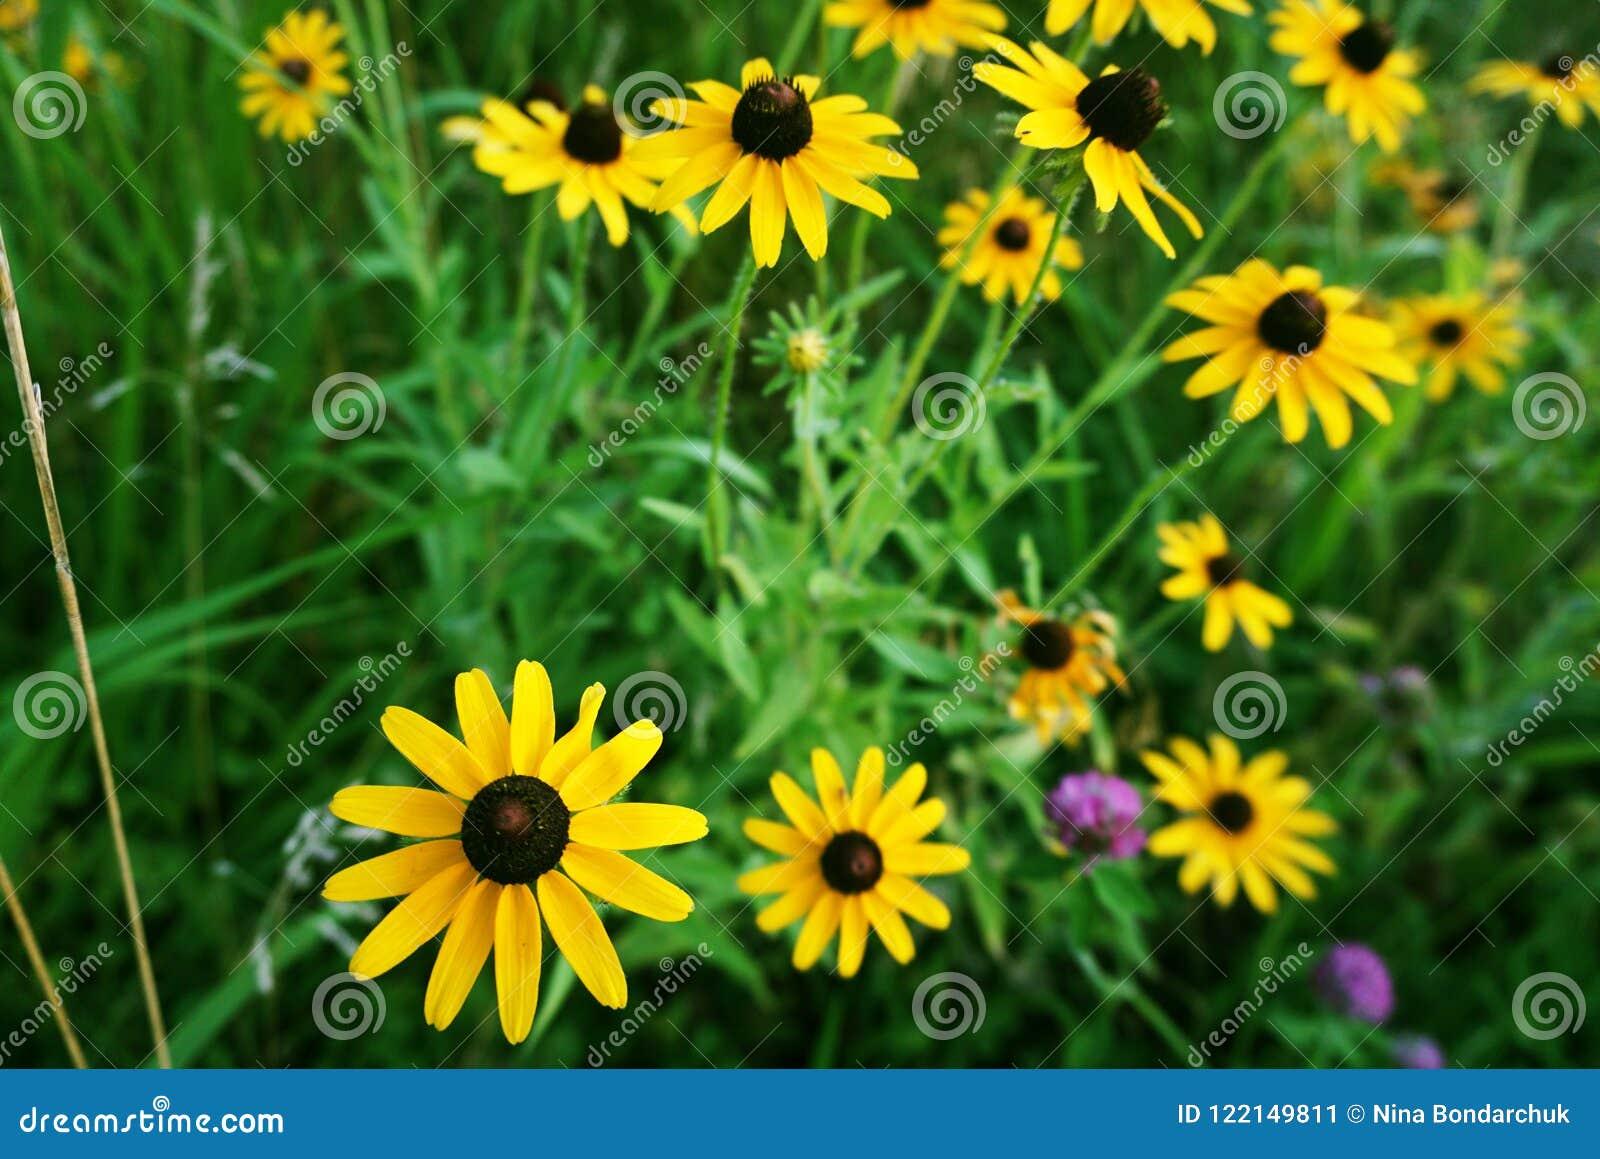 春黄菊黄色雏菊